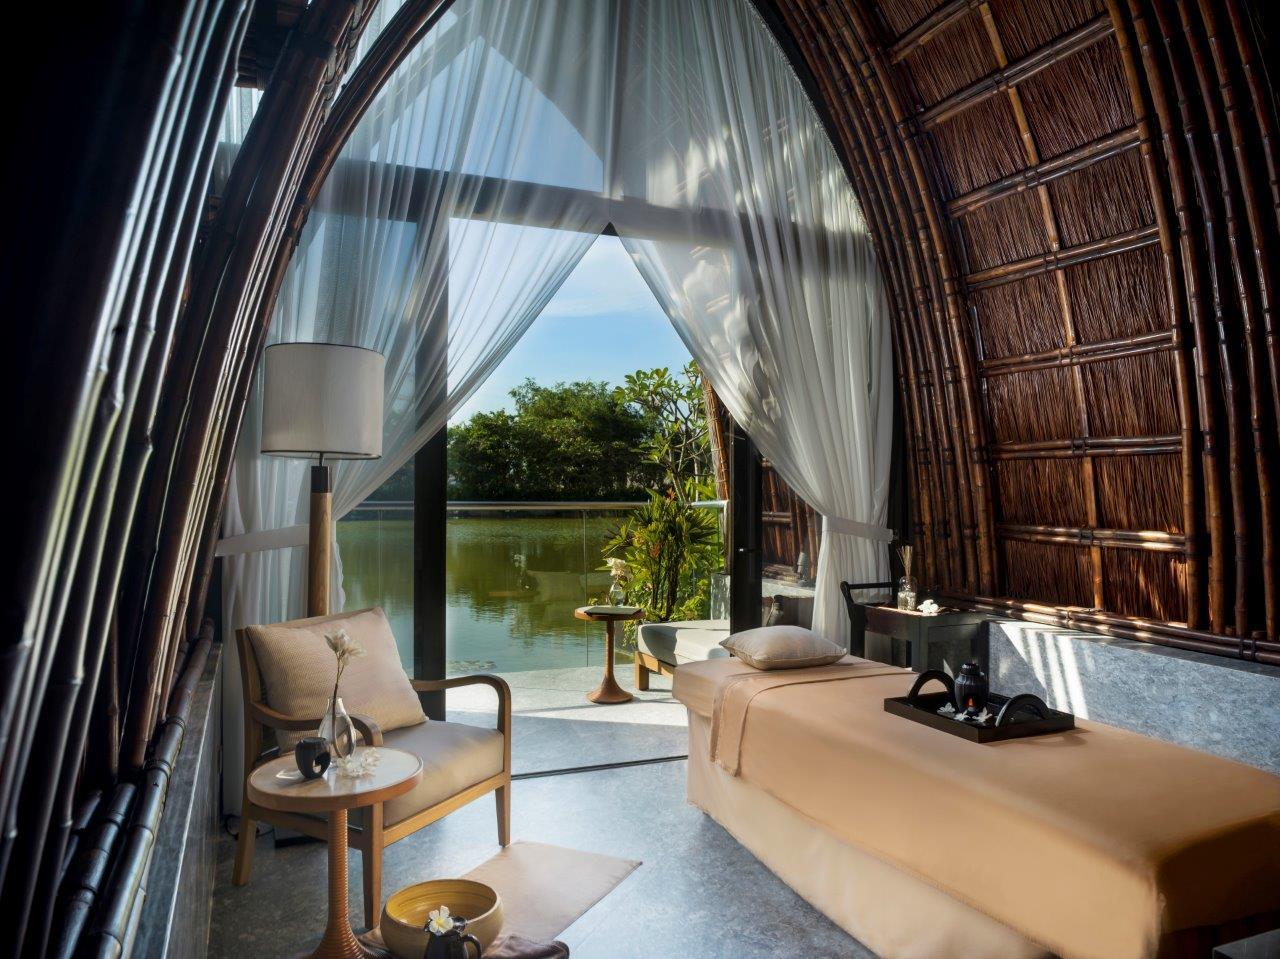 Thiết kế Spa tại Hải Phòng - Trang trí spa hoàn hảo từ thiên nhiên